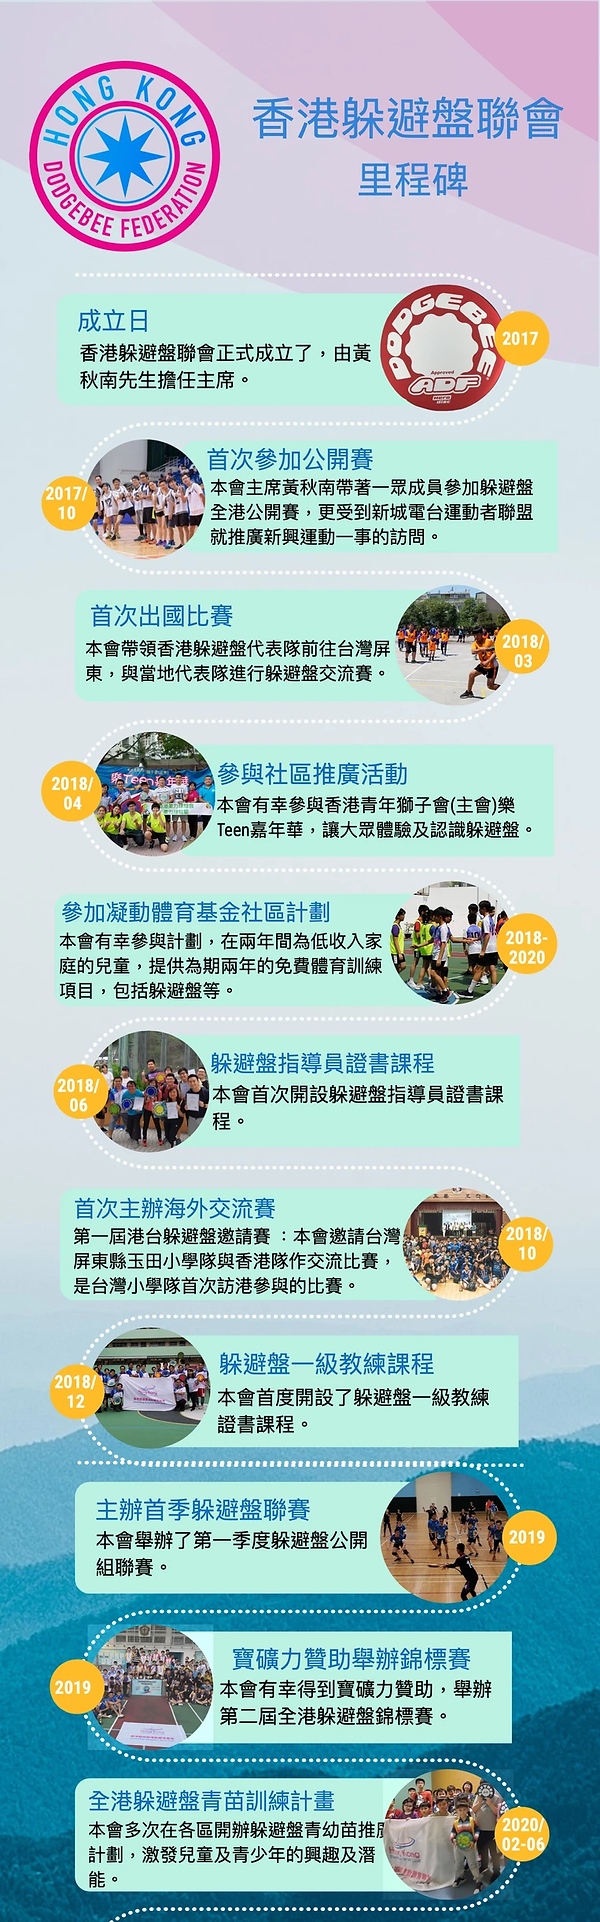 香港躲避盤聯會里程碑 躲避盤教練